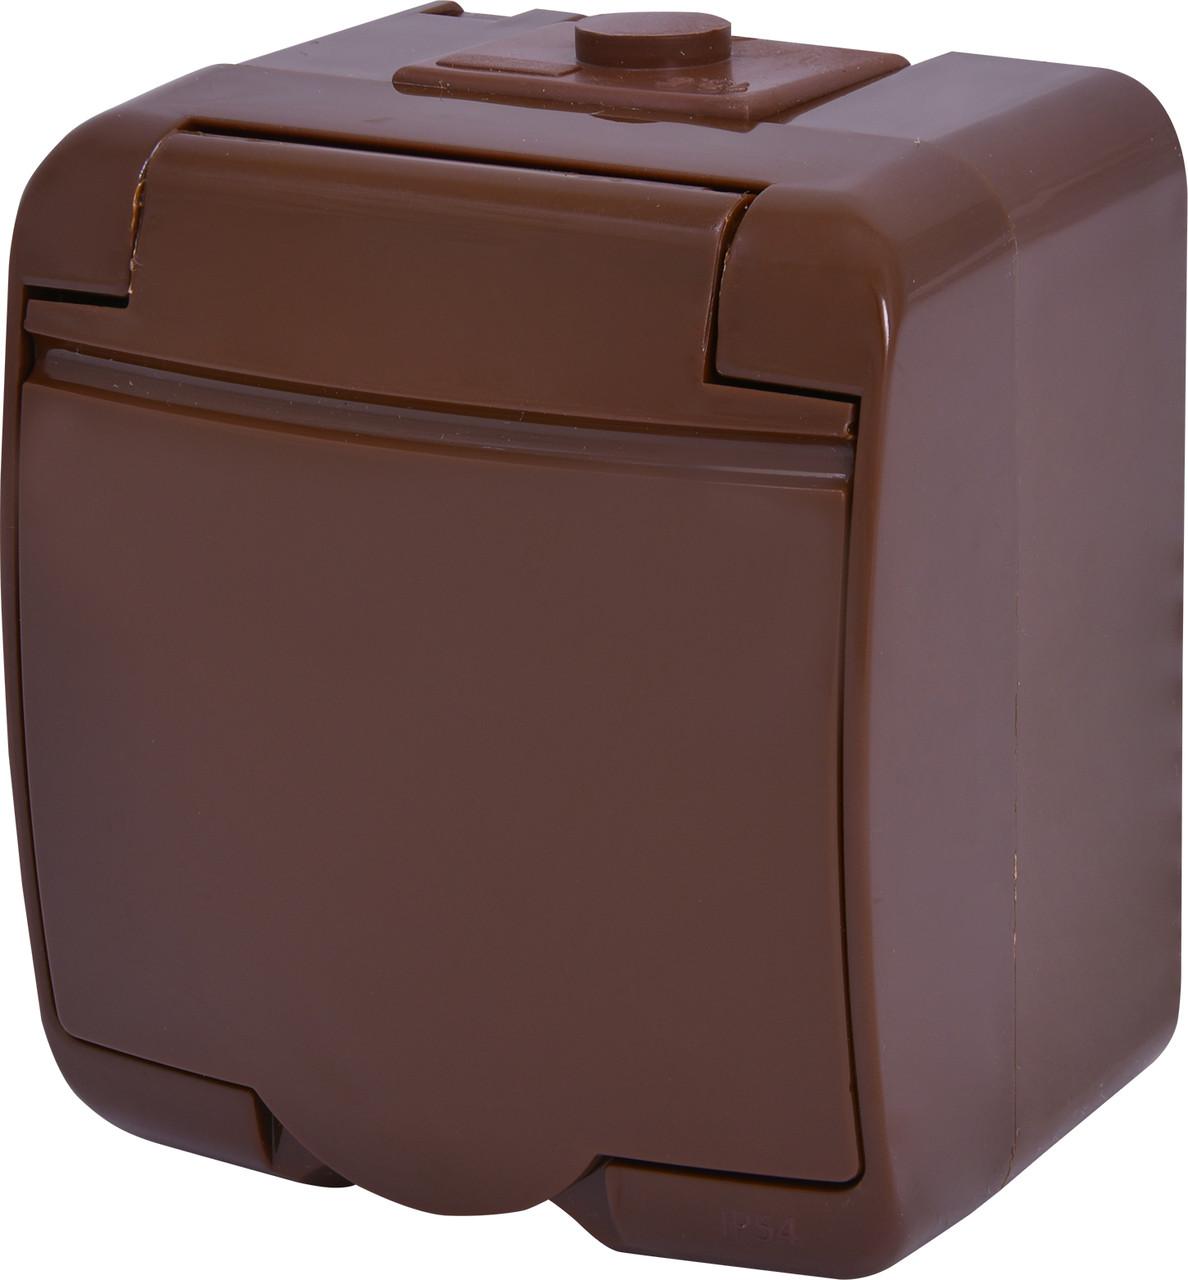 Розетка 1-ая с з/к Schuko RHE-1s-KR (коричневый/коричневая крышка IP44) ETI